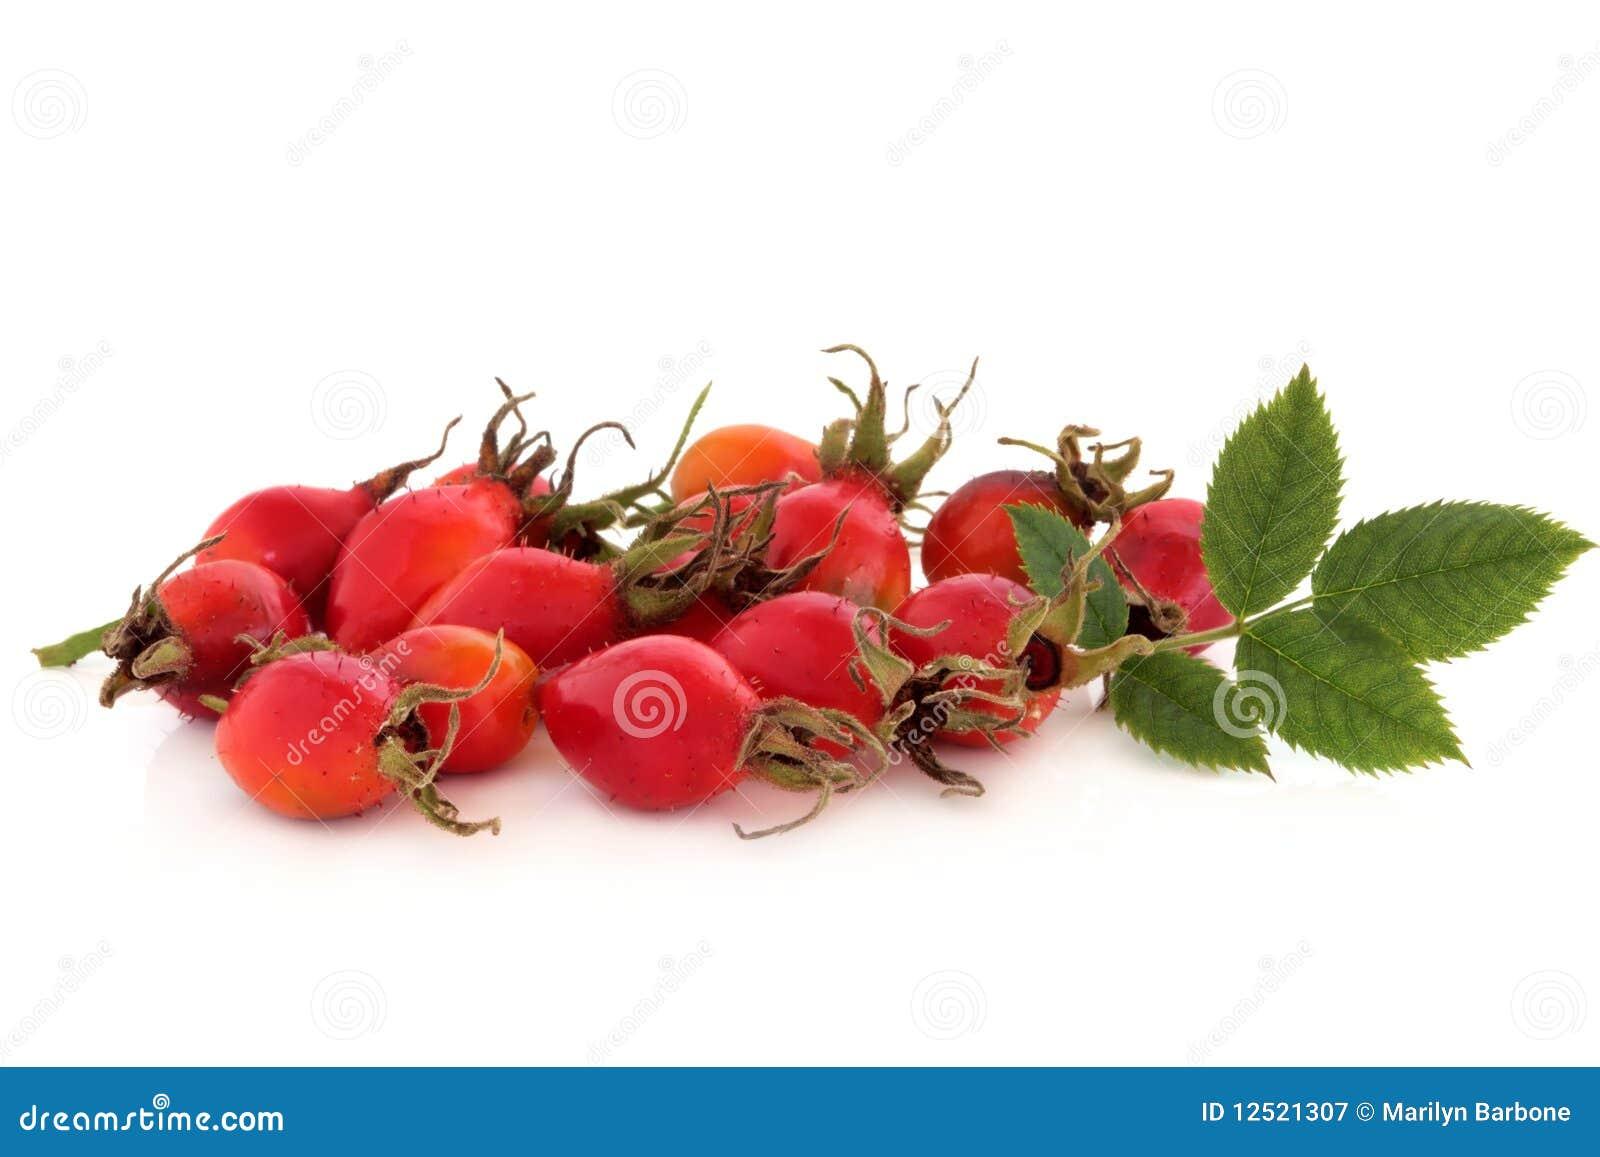 Rose Hip Wild Fruit